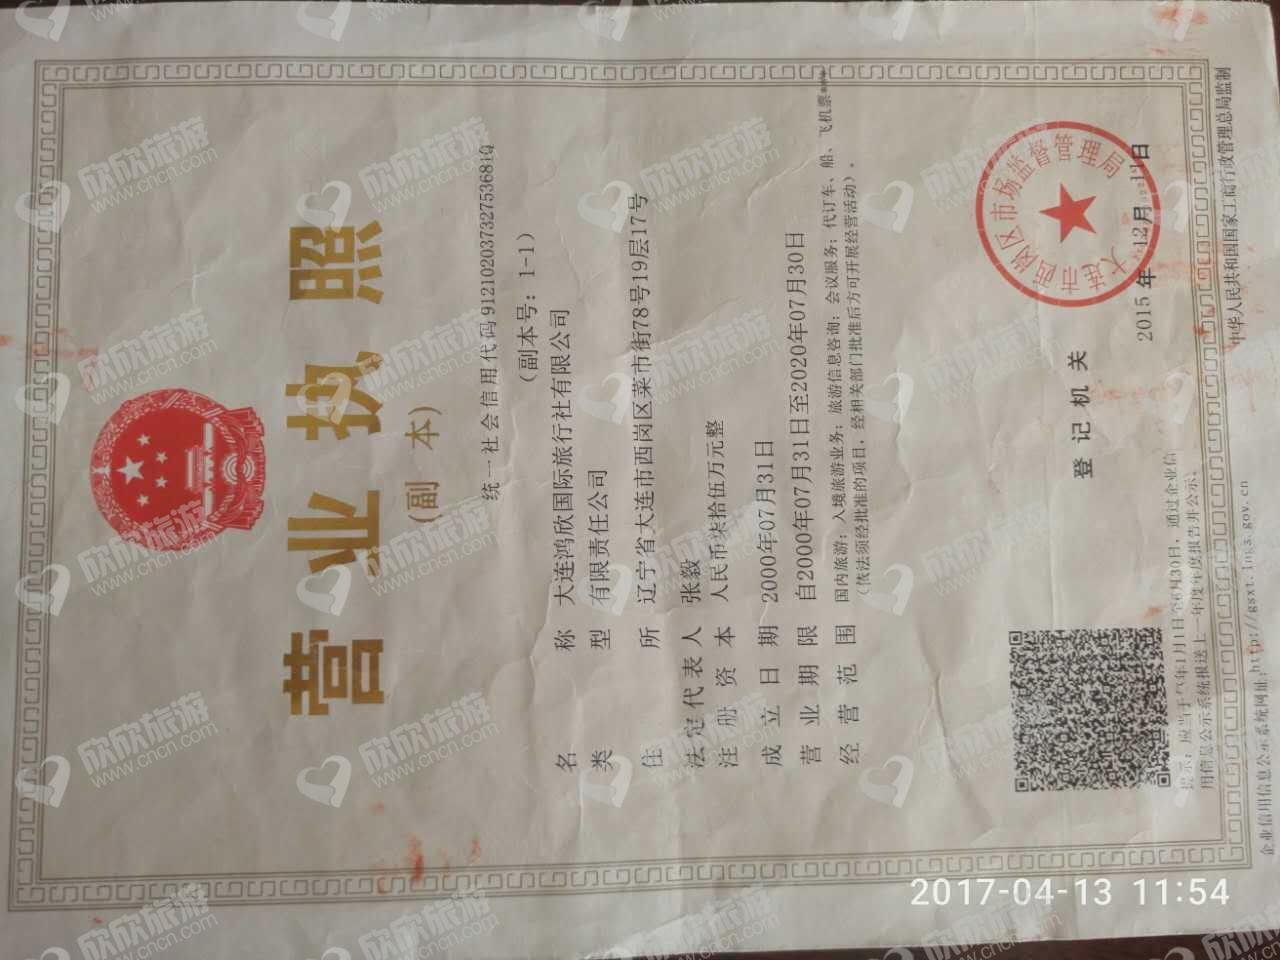 大连鸿欣国际旅行社有限公司营业执照